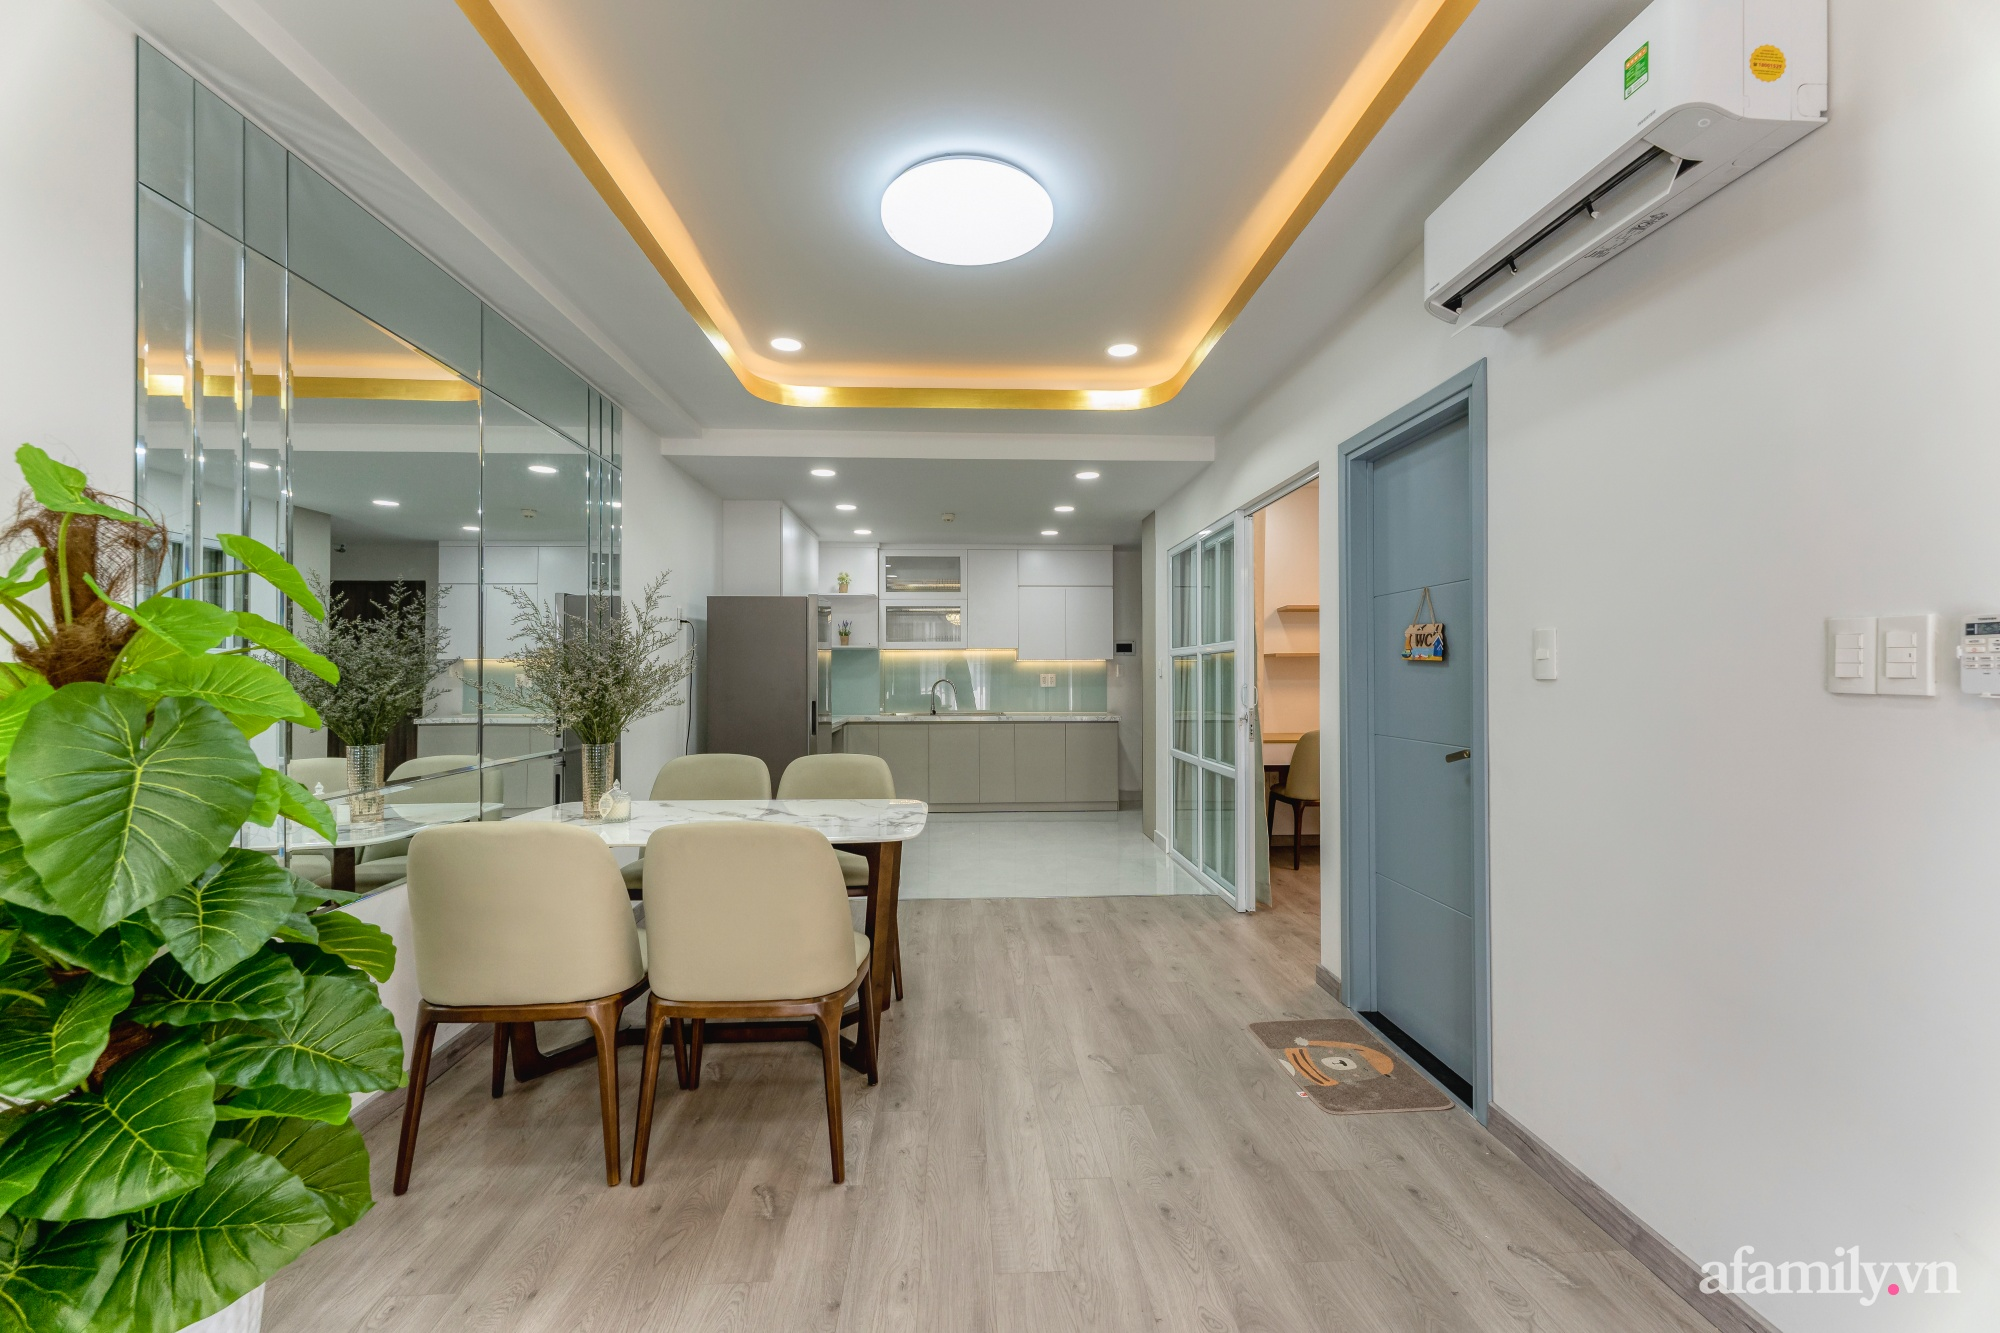 Căn hộ 70m² ghi điểm với không gian thoáng sáng cùng sắc màu gần gũi với thiên nhiên ở Sài Gòn - Ảnh 2.